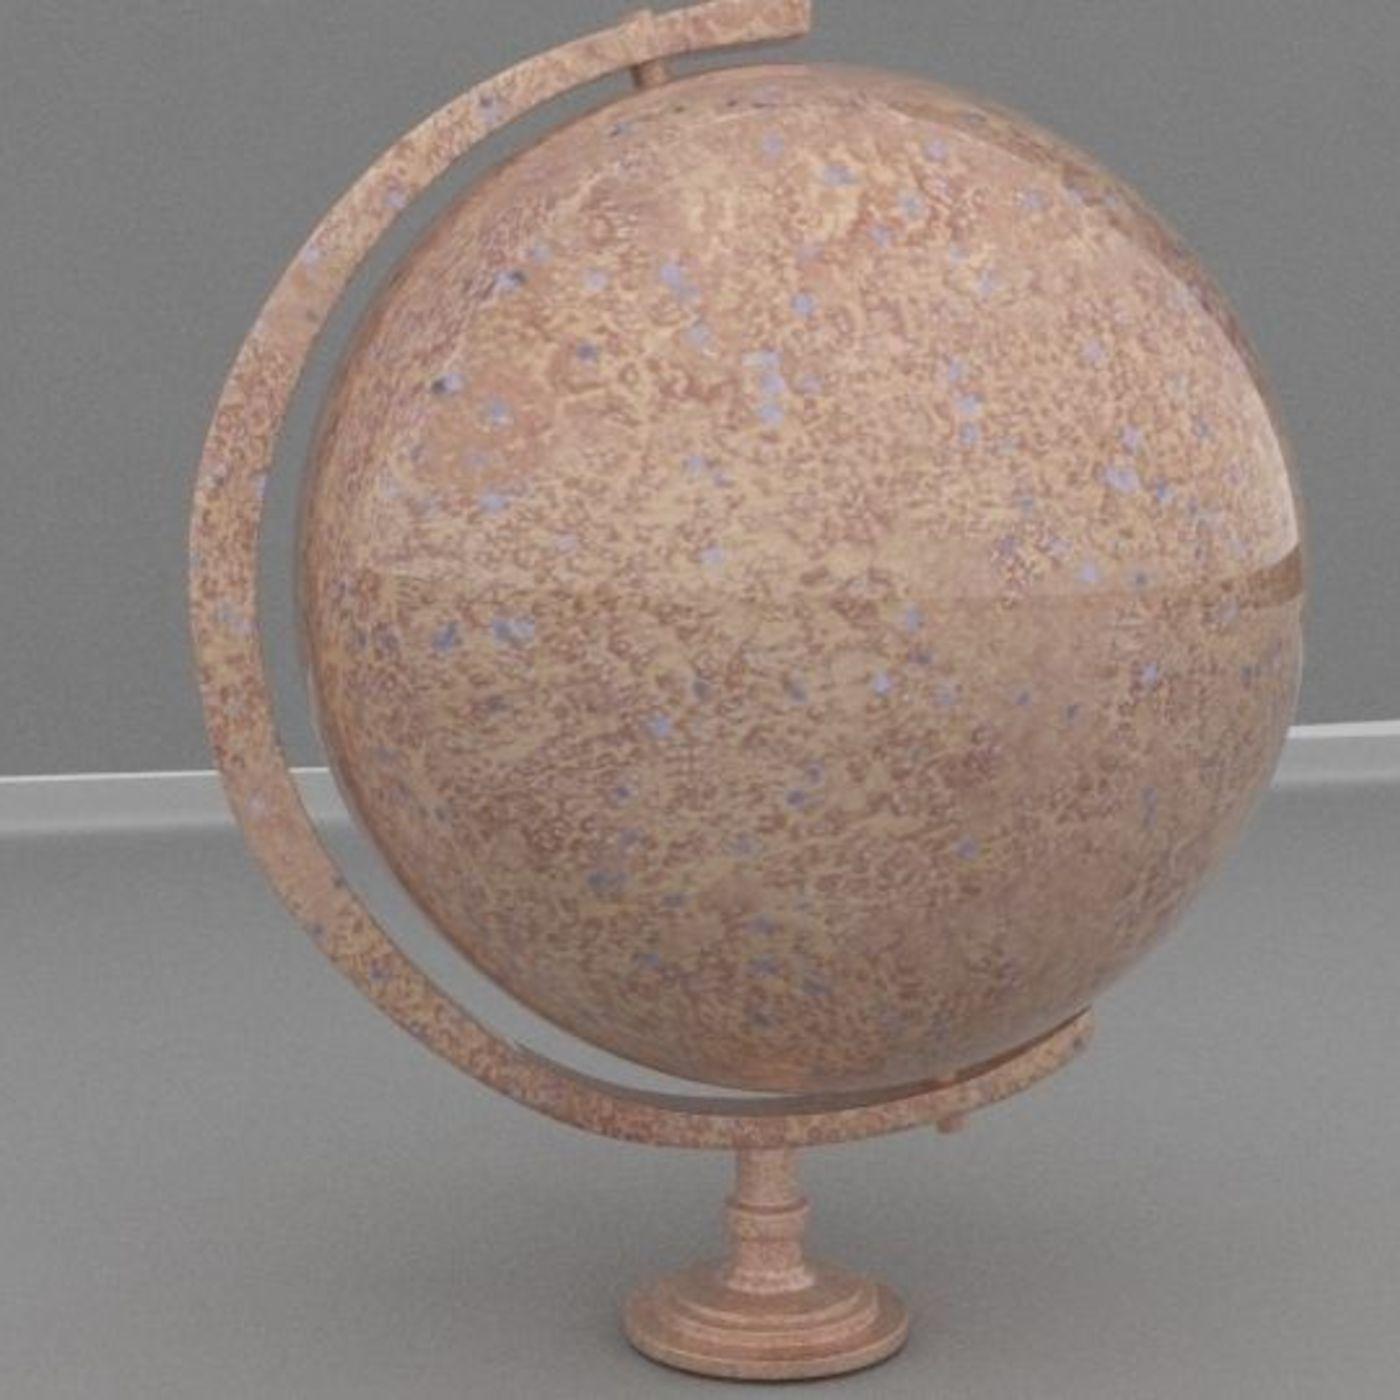 Rusty metallic globe